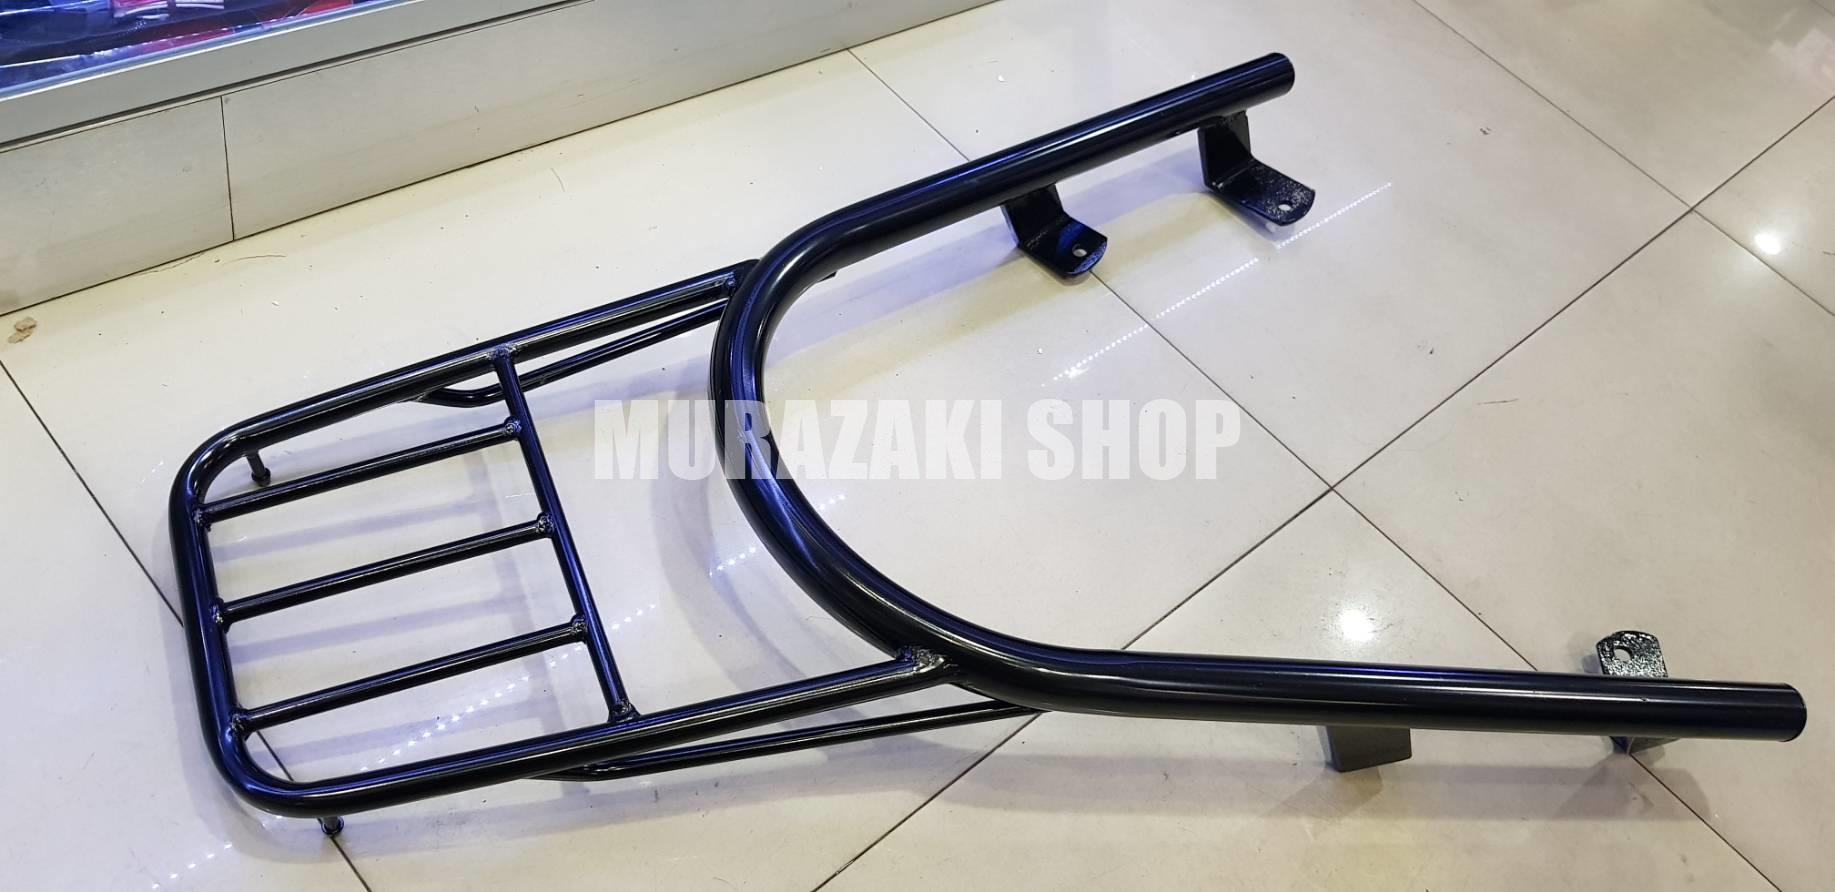 ตะแกรงหลัง YAMAHA X-MAX 300 ราคา2100